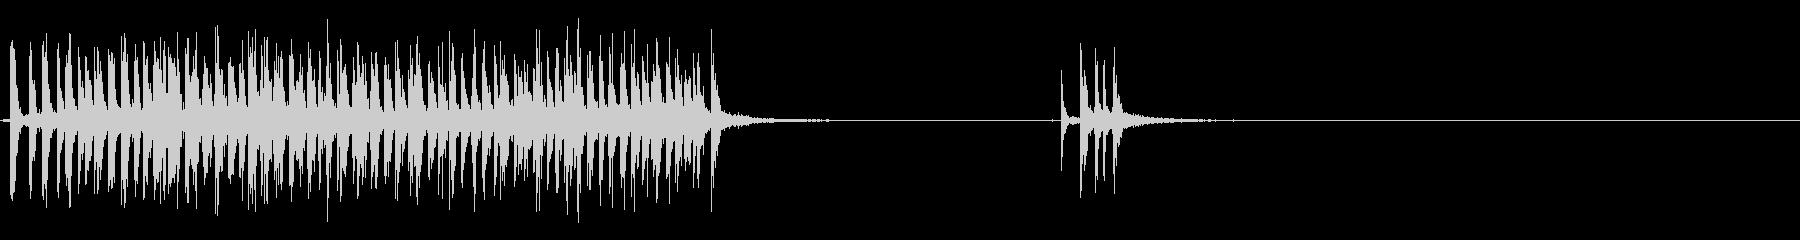 [生音]セロハンテープを使う音08の未再生の波形